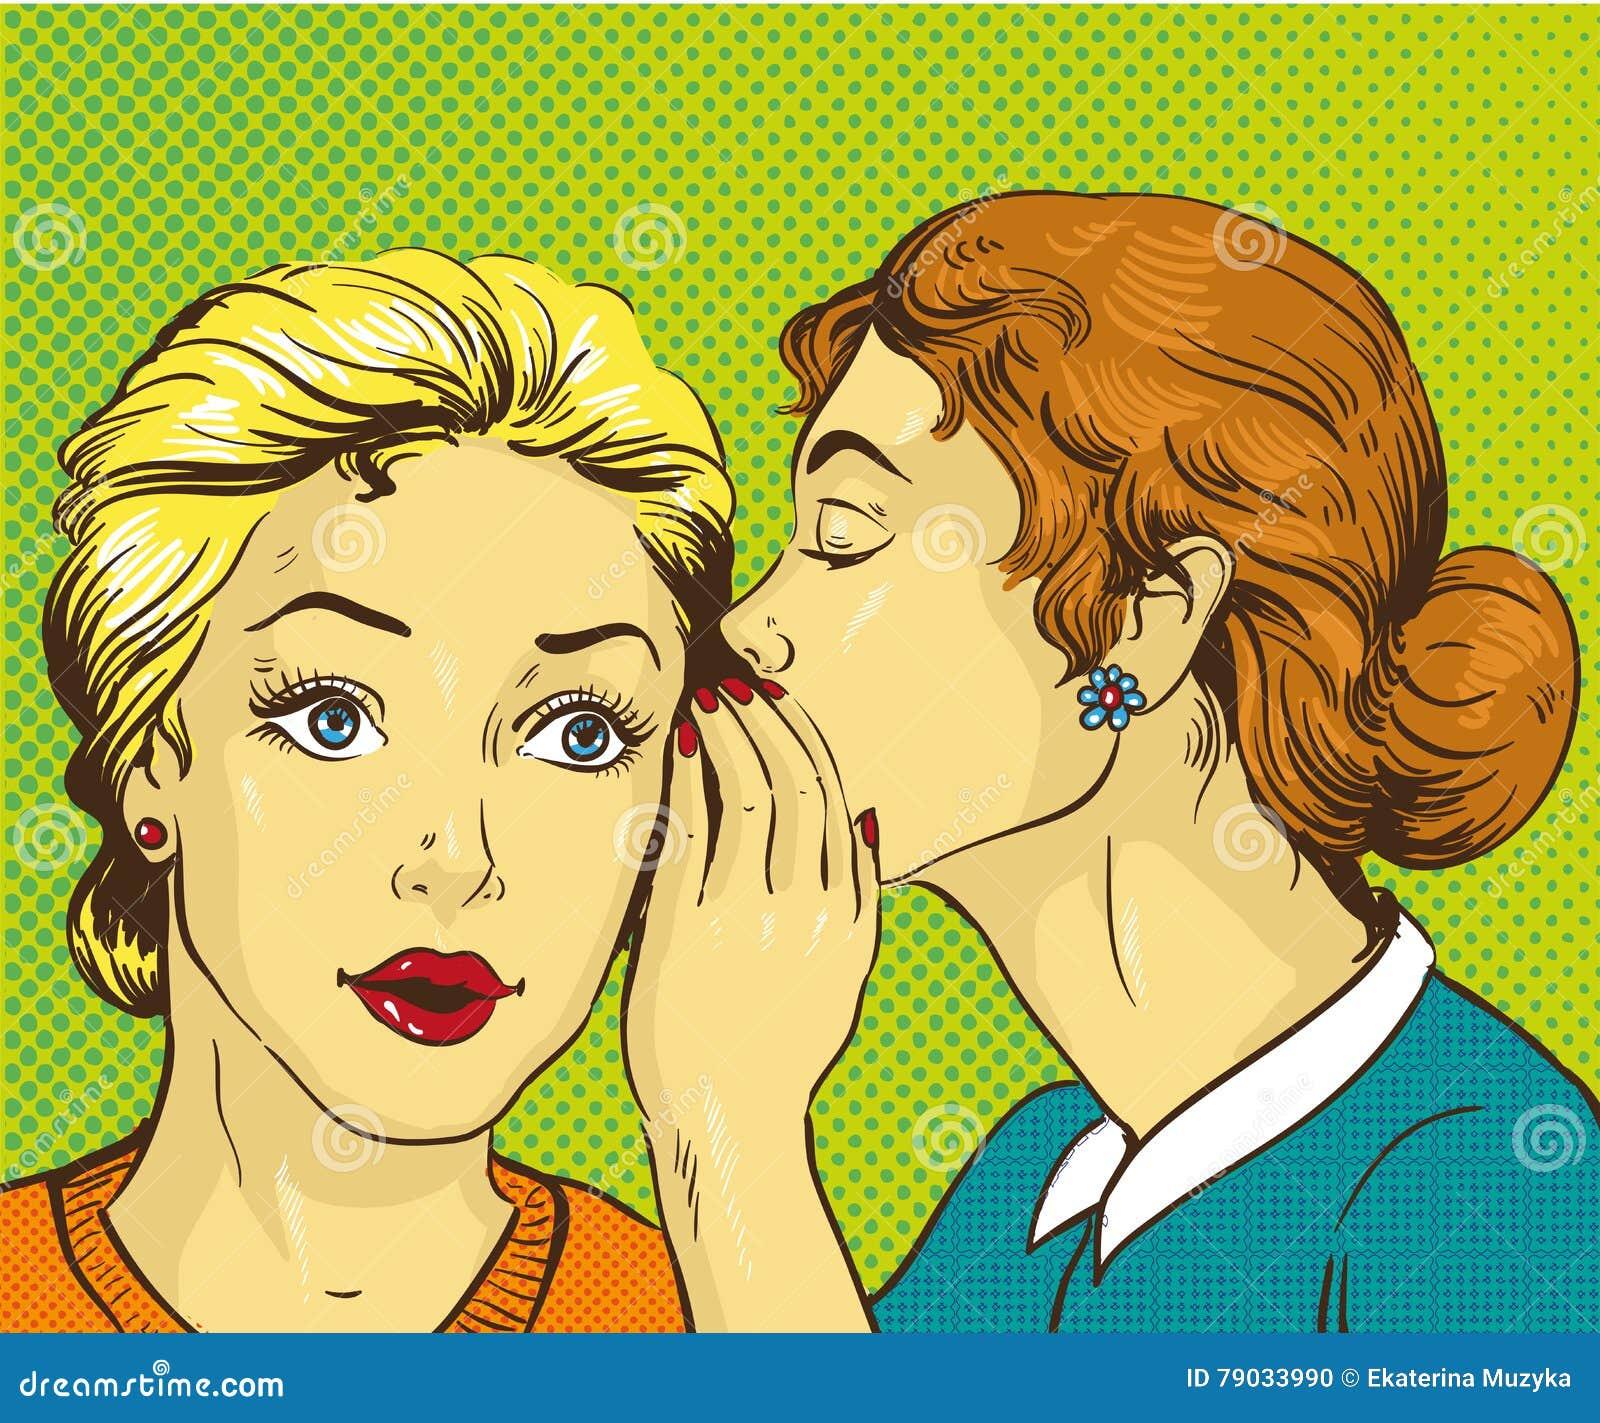 Retro- komische Vektorillustration der Pop-Art Frau, die Klatsch oder Geheimnis zu ihrem Freund flüstert